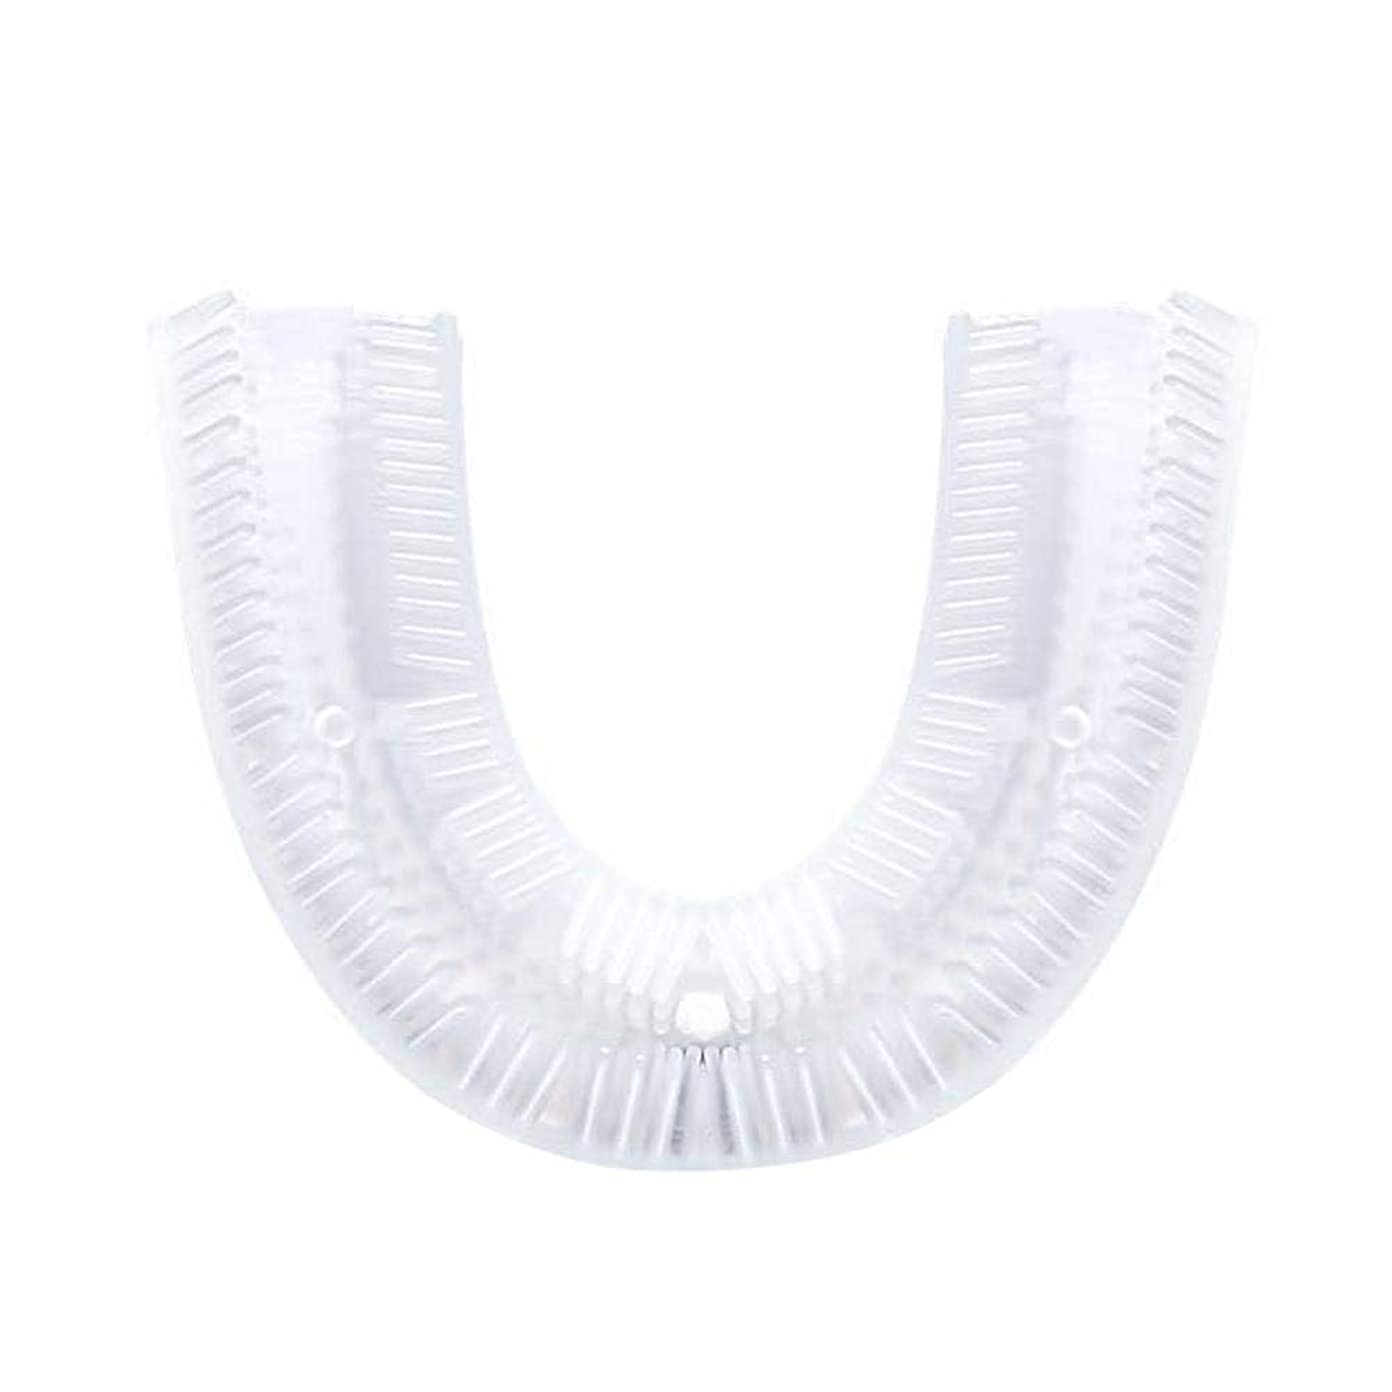 階層締めるコンデンサー360°音波歯ブラシヘッド U字型シリコン歯ブラシヘッド 電動 自動 U型 超音波 怠け者 怠惰 成人 バブル 人間口腔工学 10秒歯磨き 新鮮な息吹き 歯垢除去 歯茎まで 無線充電 U字型のマウスピース 抗菌シリコン製歯ブラシヘッド